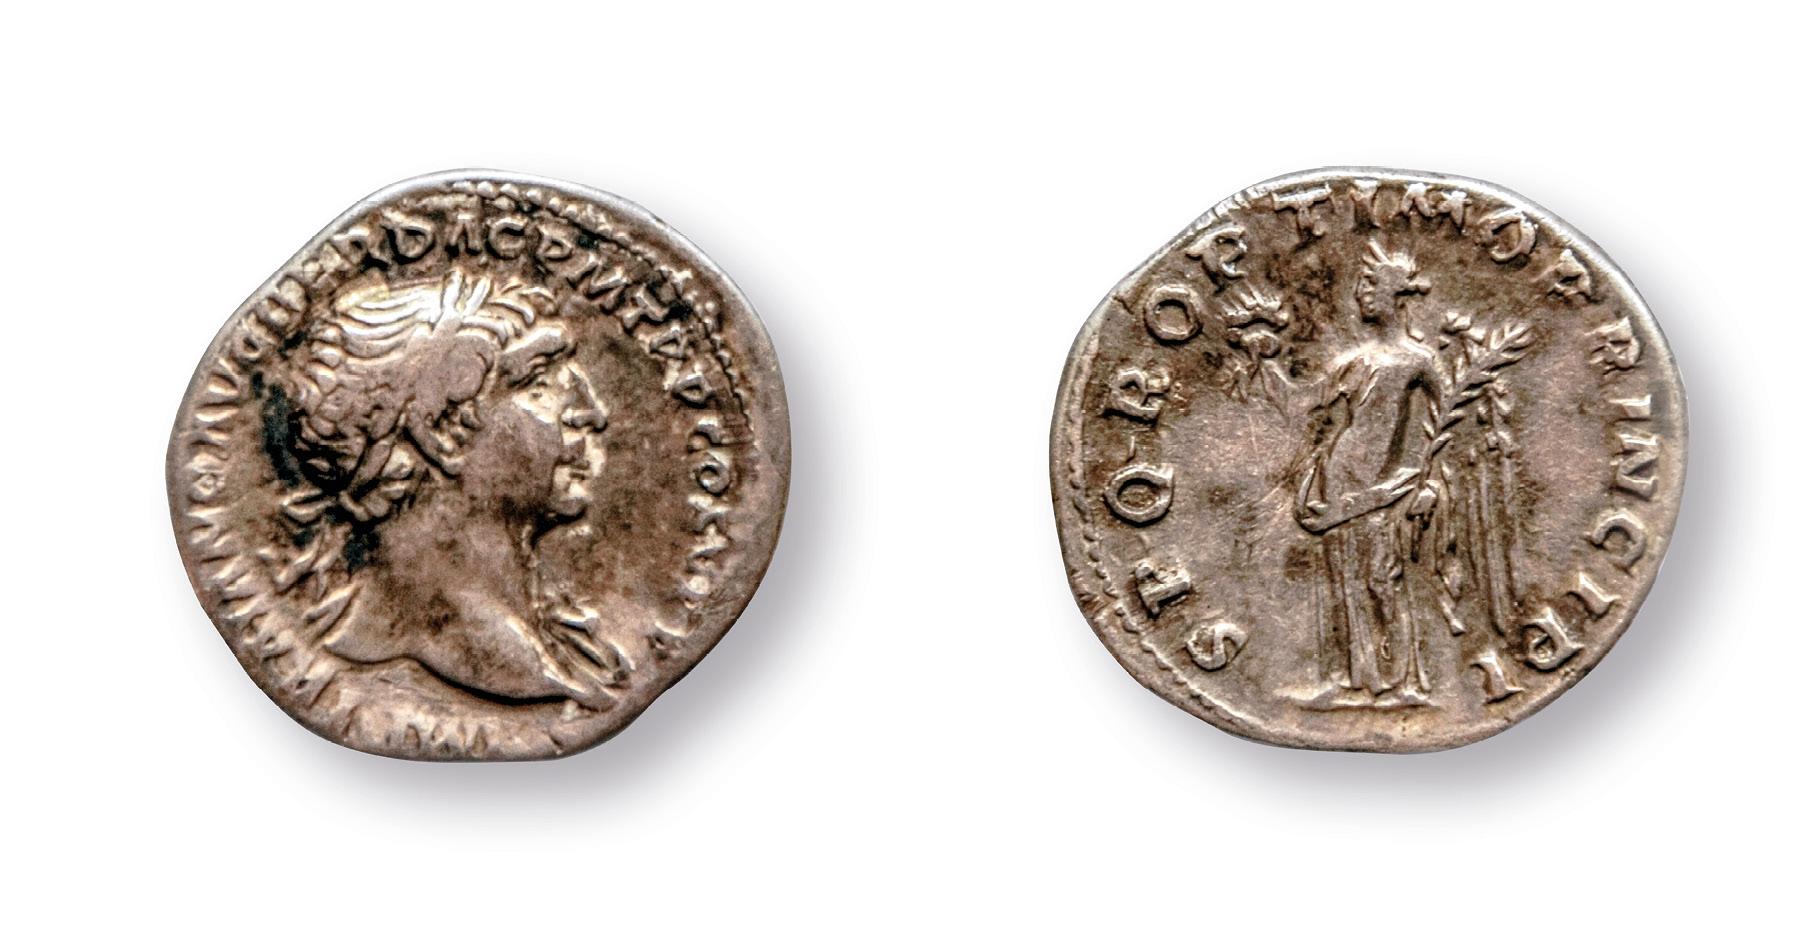 Strieborná minca cisára Trajána